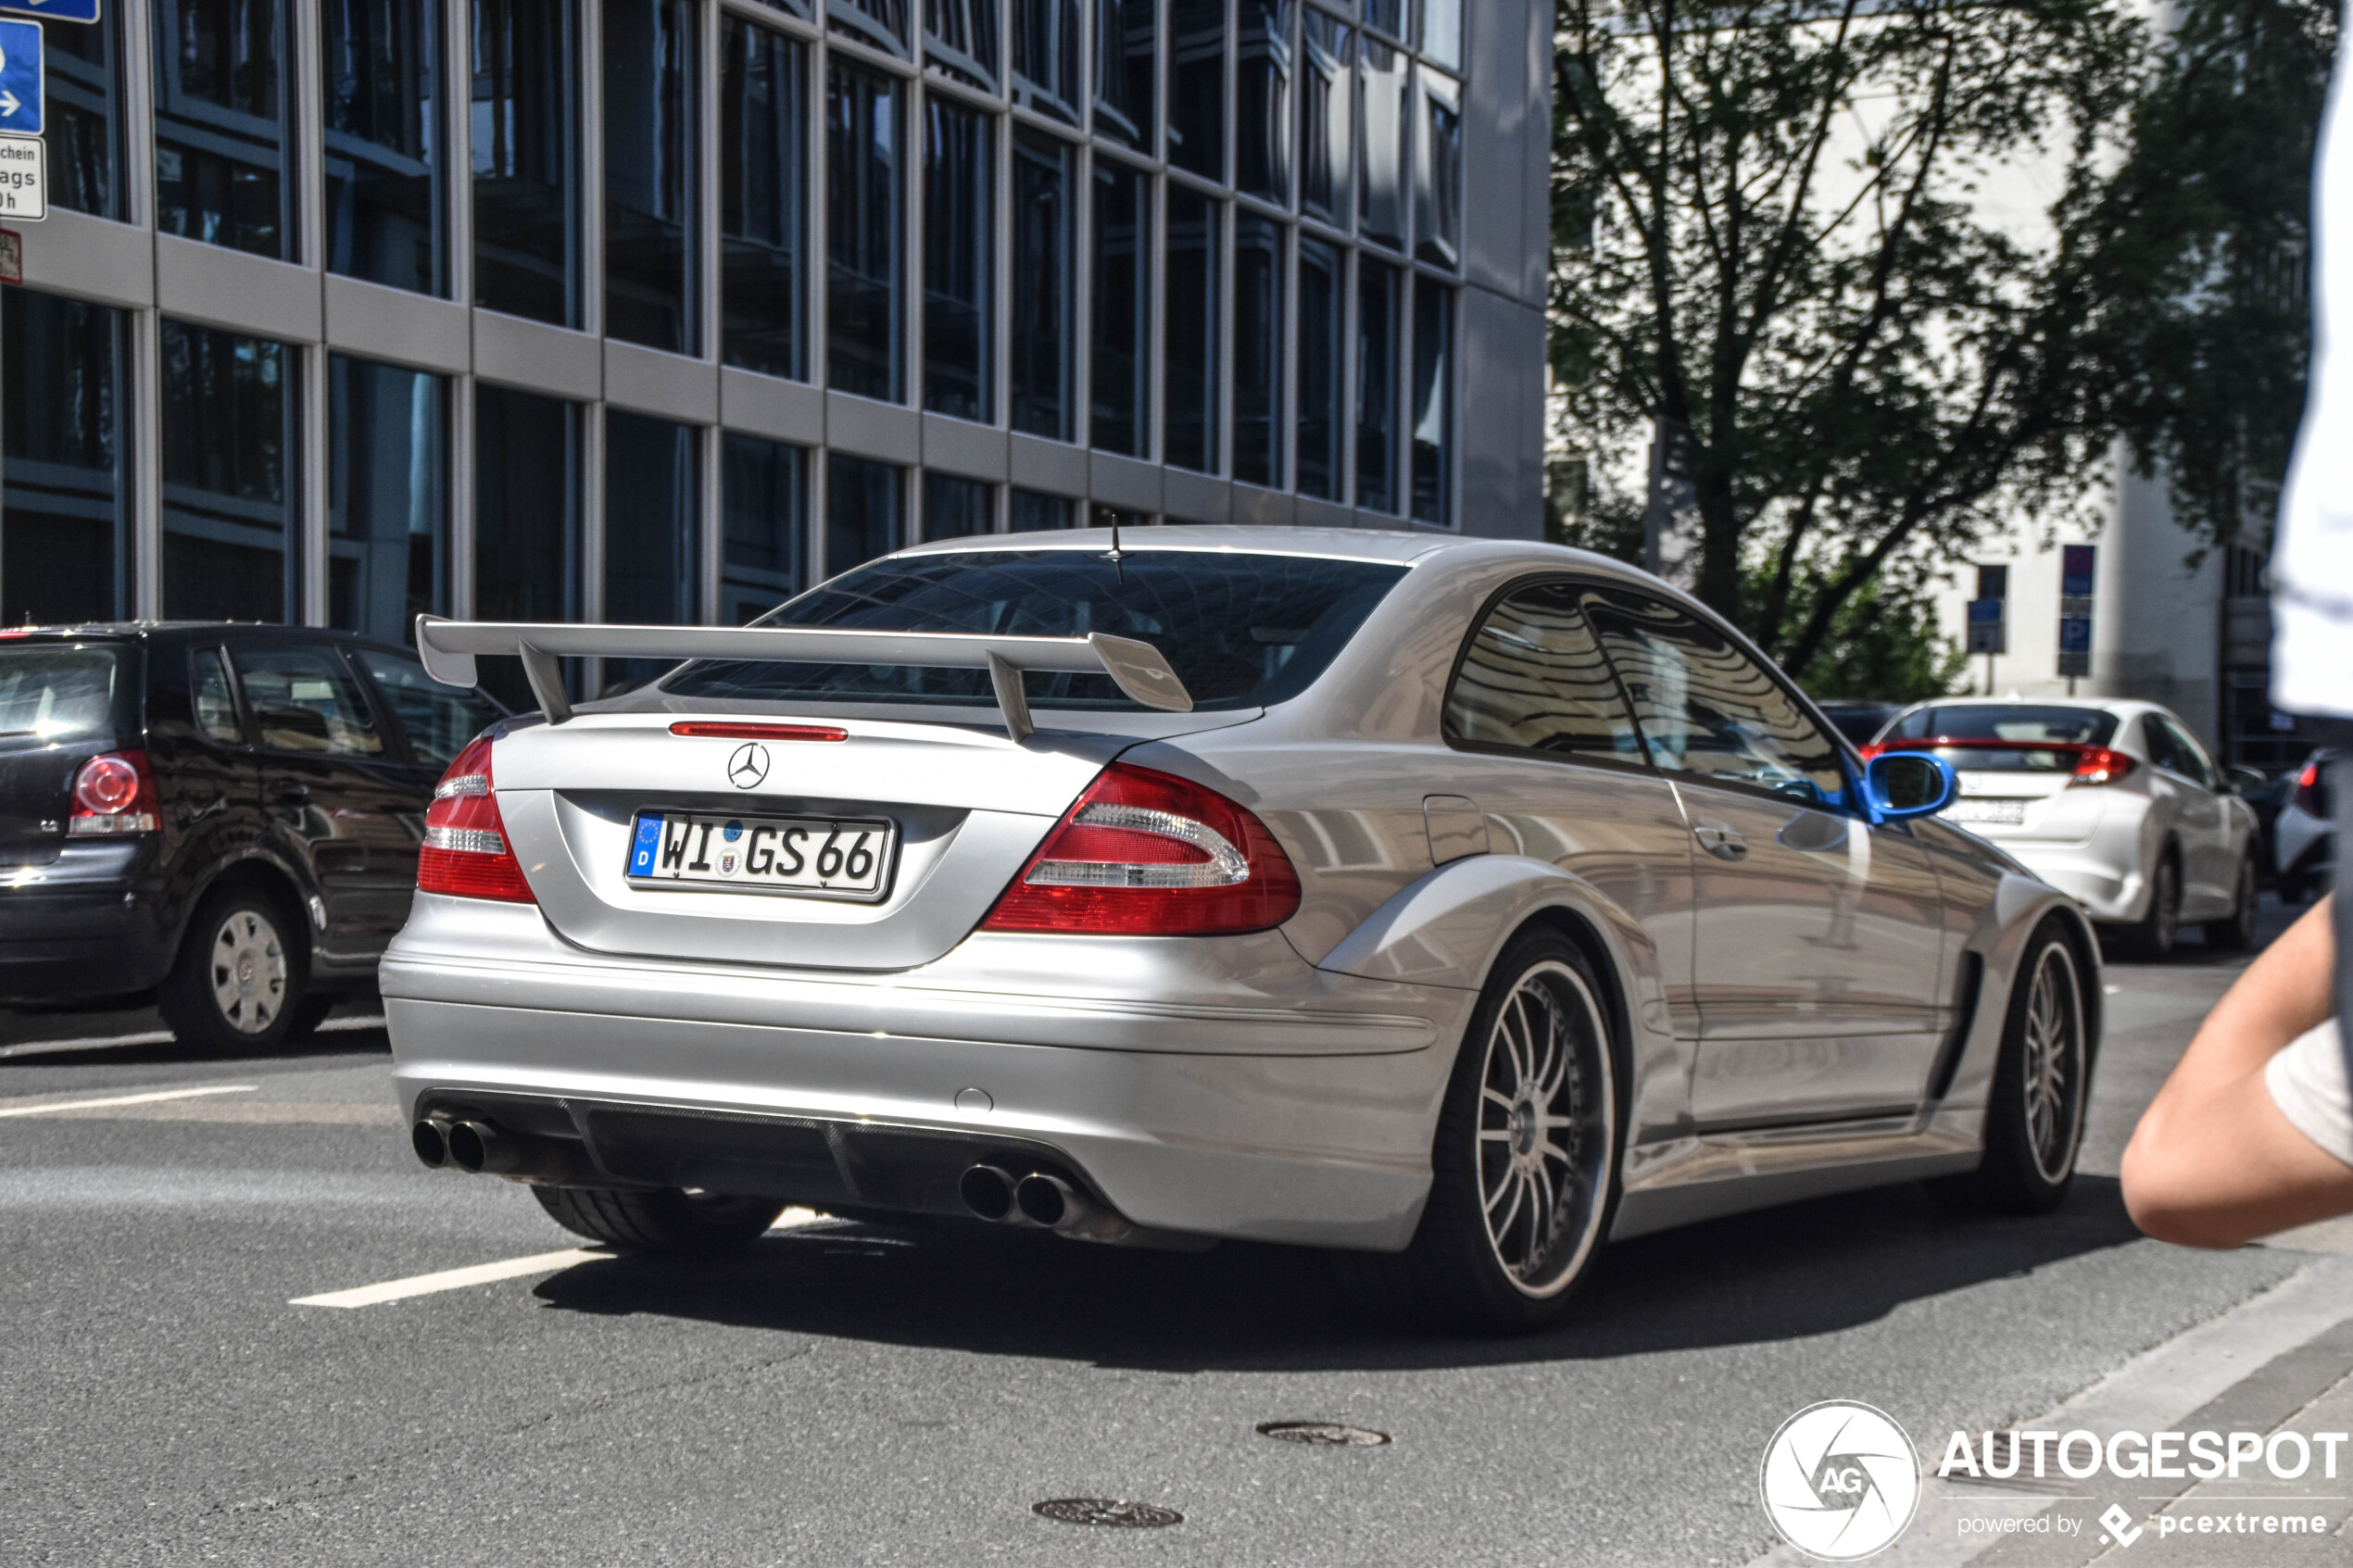 Mercedes-Benz CLK DTM AMG heeft vreemde aanpassingen gehad